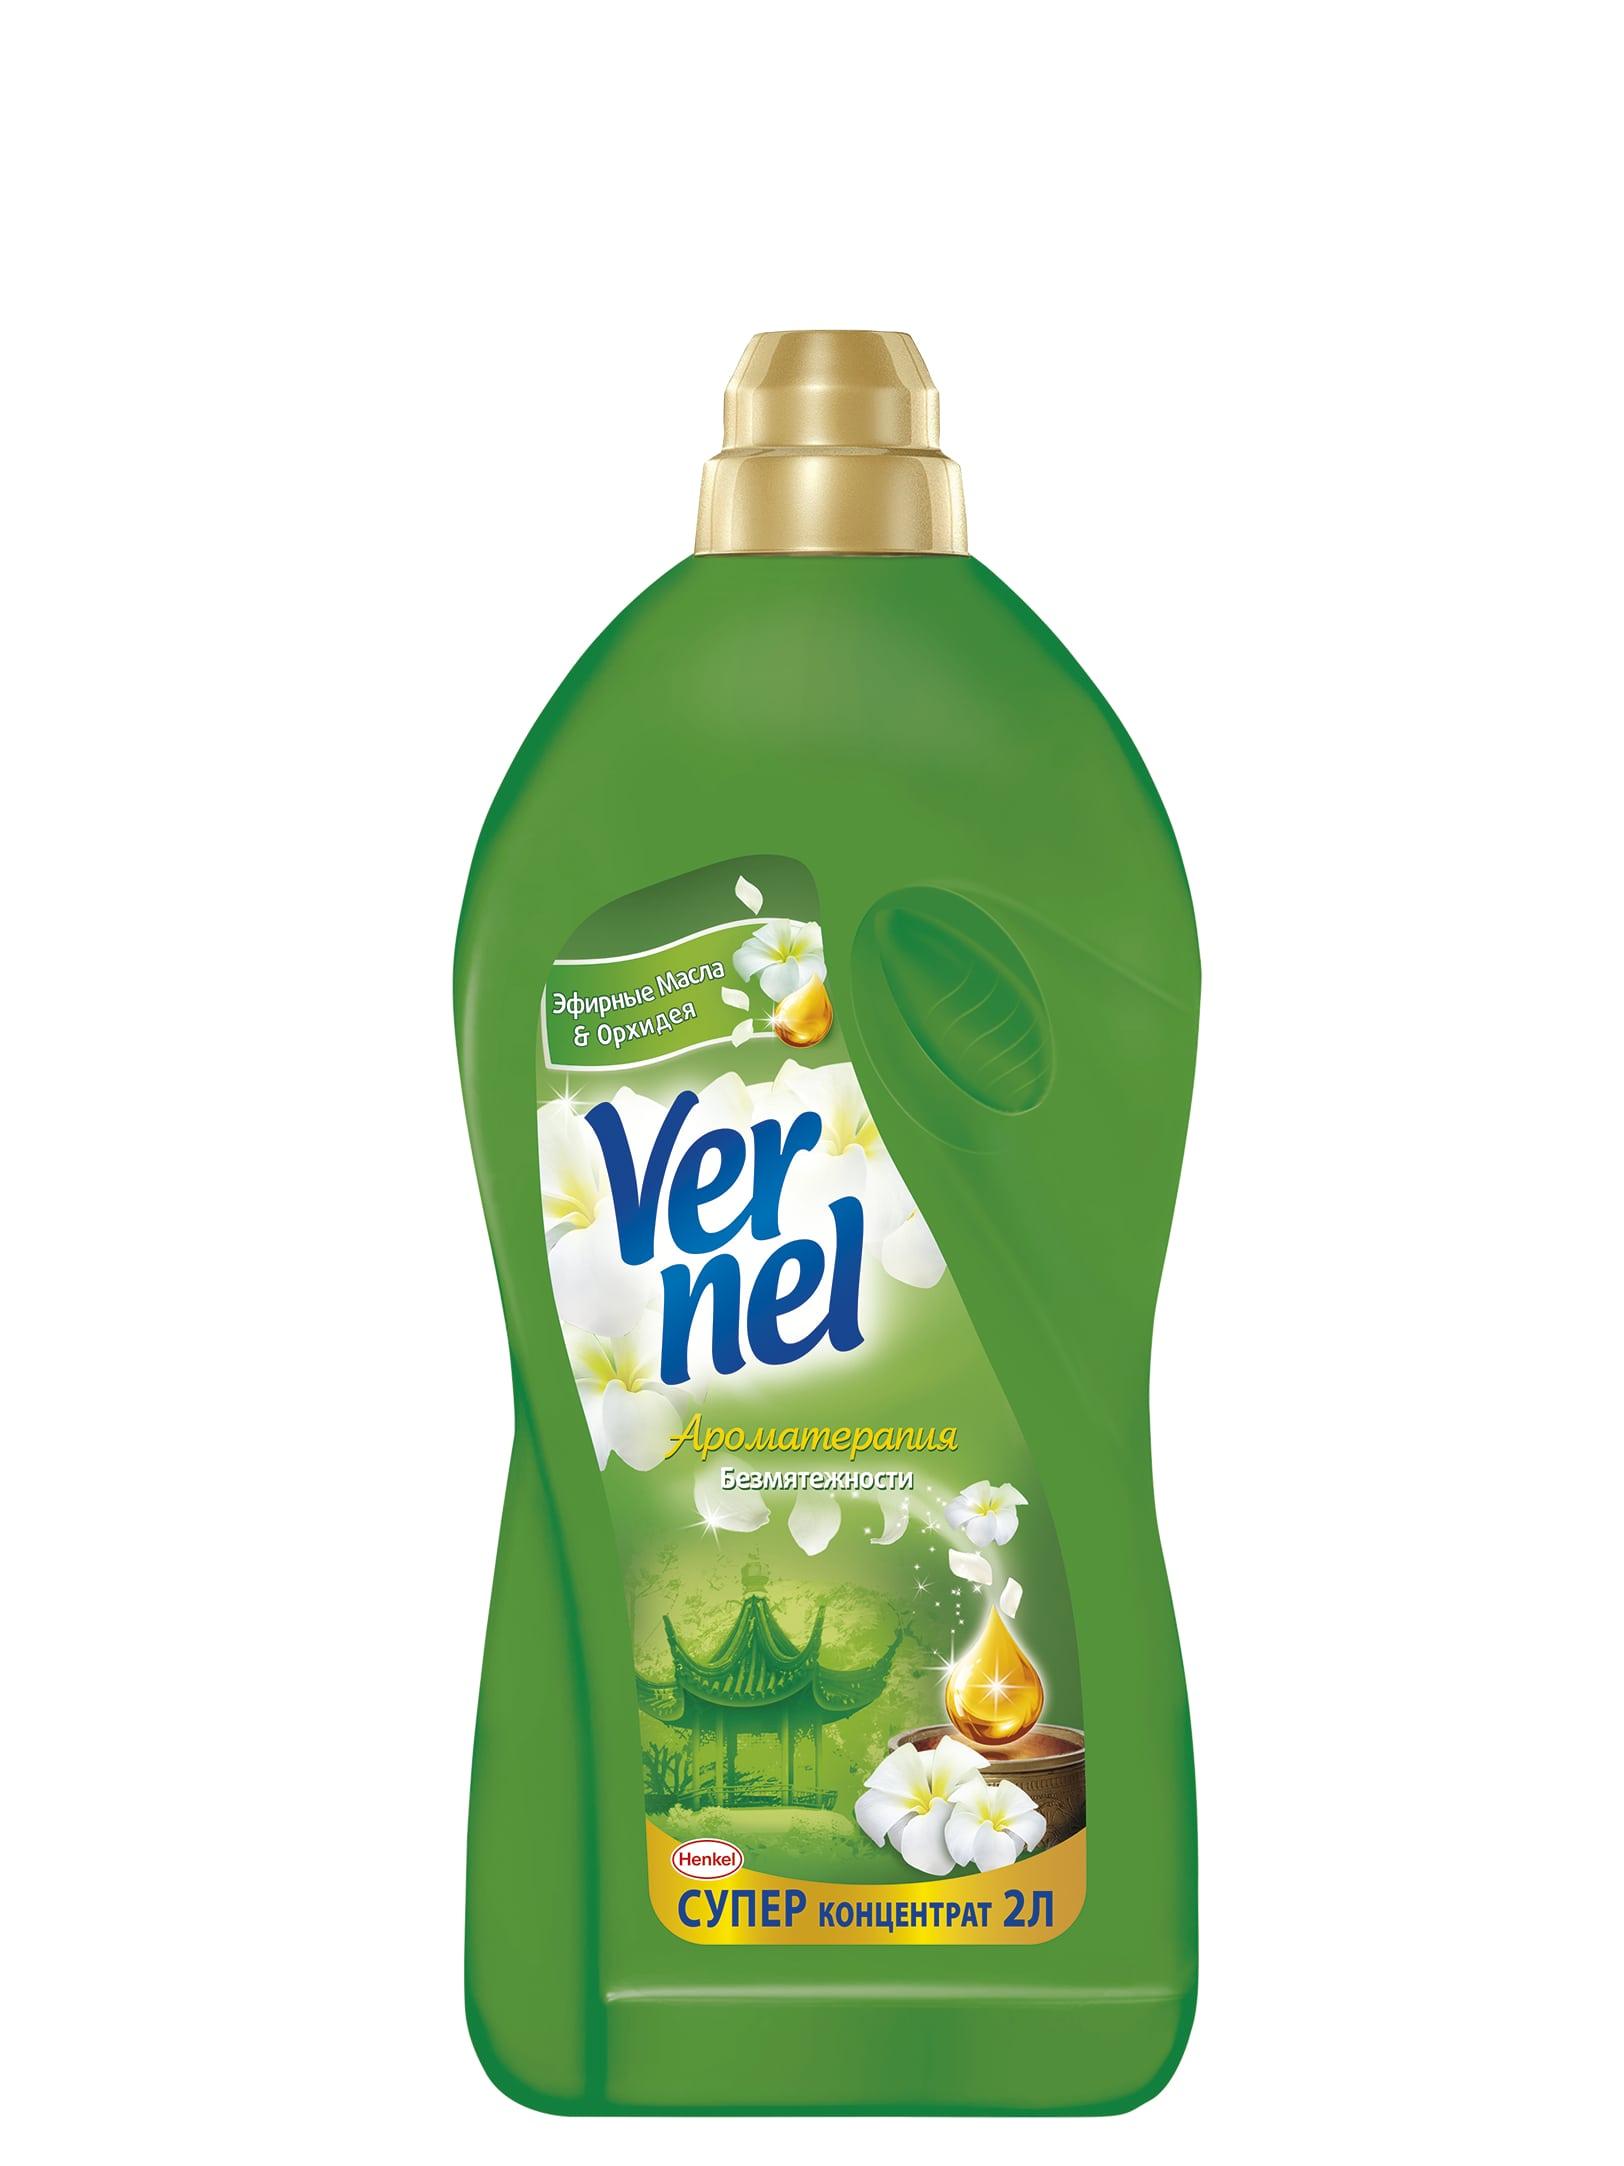 Кондиционер для белья Vernel Ароматерапия Безмятежности 2л934952С новой Классической линейкой Vernel свежесть белья длится до 8 недель. Новая формула Vernel обогащена аромакапсулами, которые обеспечивают длительную свежесть. Более того, кондиционеры для белья Vernel придают белью невероятную мягкость, такую же приятную, как и ее запах. Свойства кондиционера для белья Vernel: 1. Придает мягкость 2. Придает приятный аромат 3. Обладает антистатическим эффектом 4. Облегчает глажение До 8 недель свежести при условии хранения белья без использования благодаря аромакапсулам Состав: Состав: 5-15% катионные ПАВ; Товар сертифицирован.